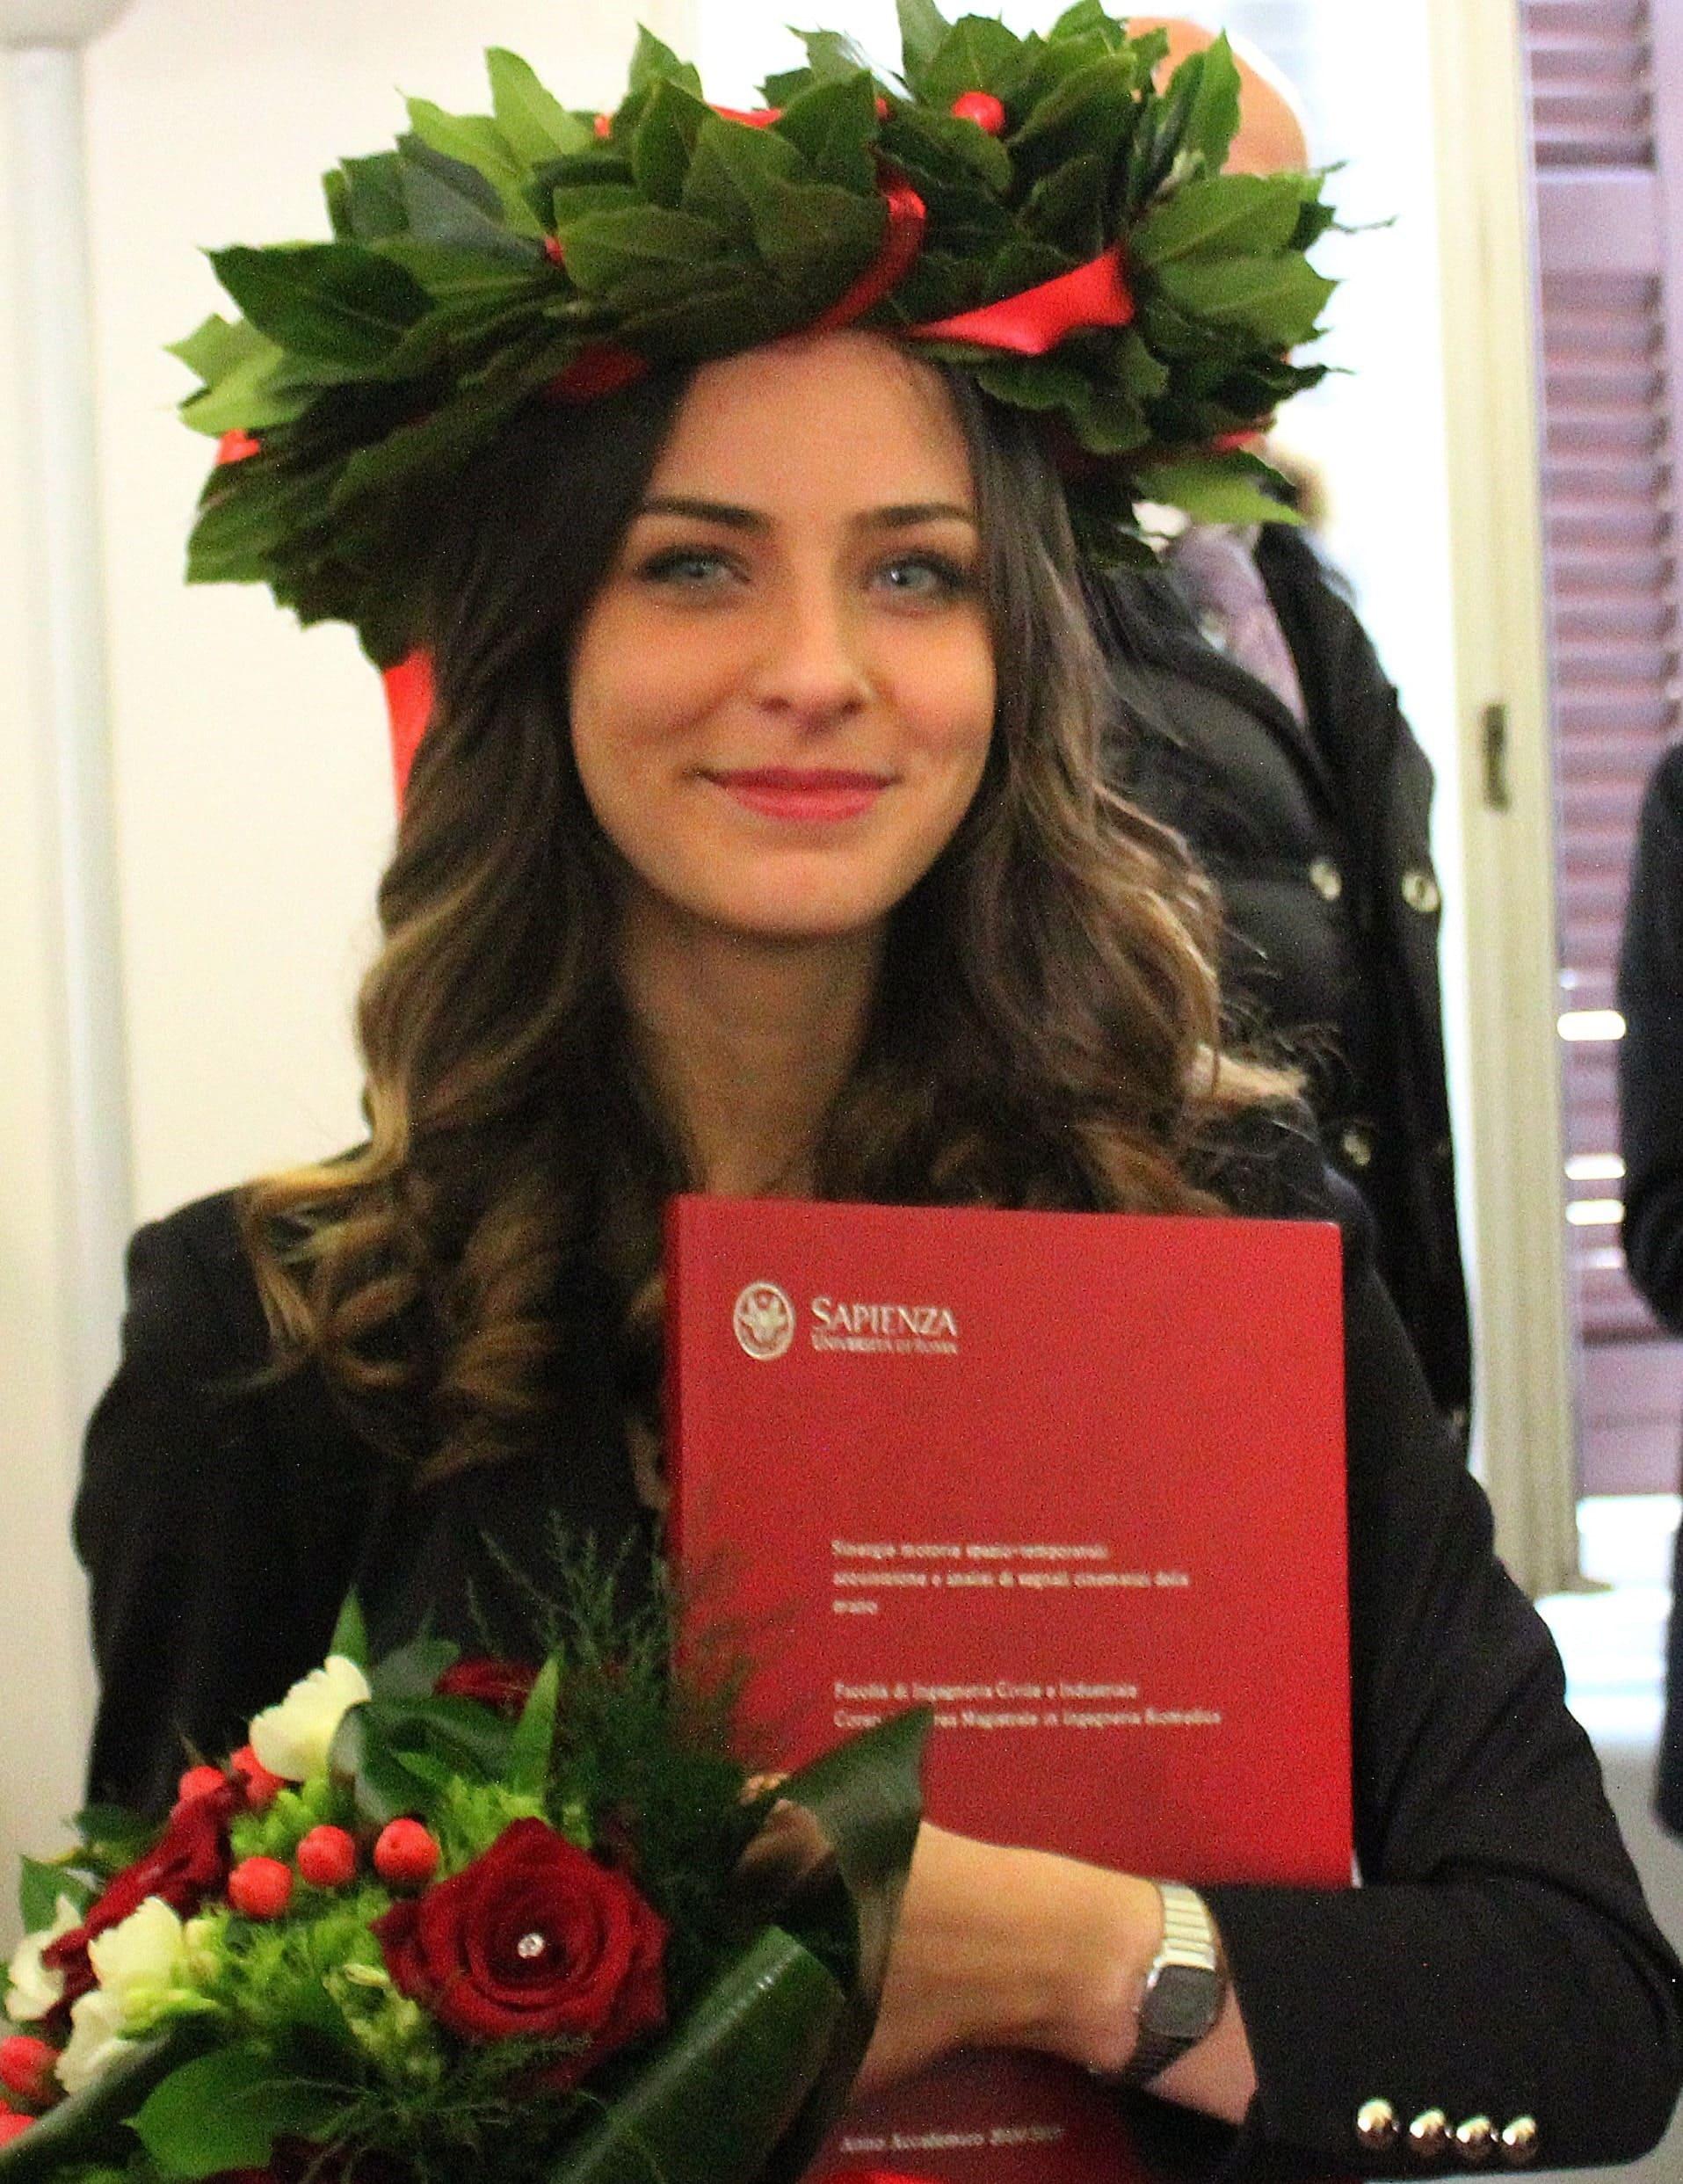 Alessandra Pizzuti profile picture